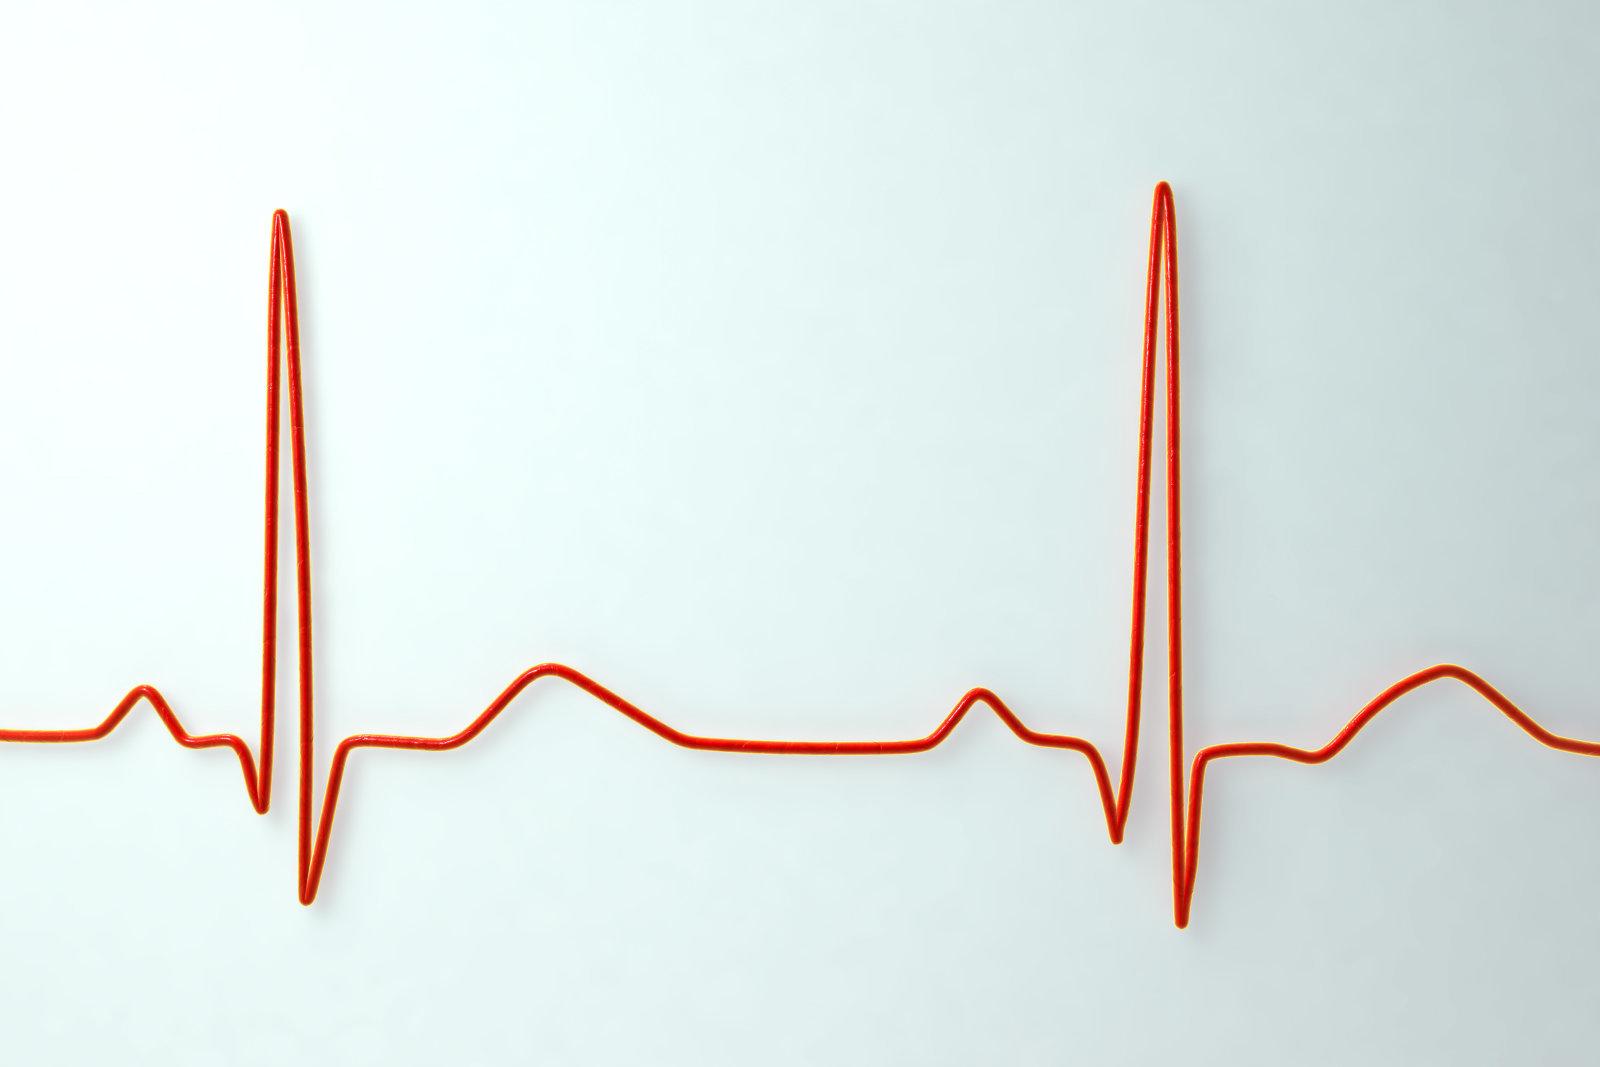 Пентагон разрабатывает устройство, которое идентифицирует людей по сердцебиению